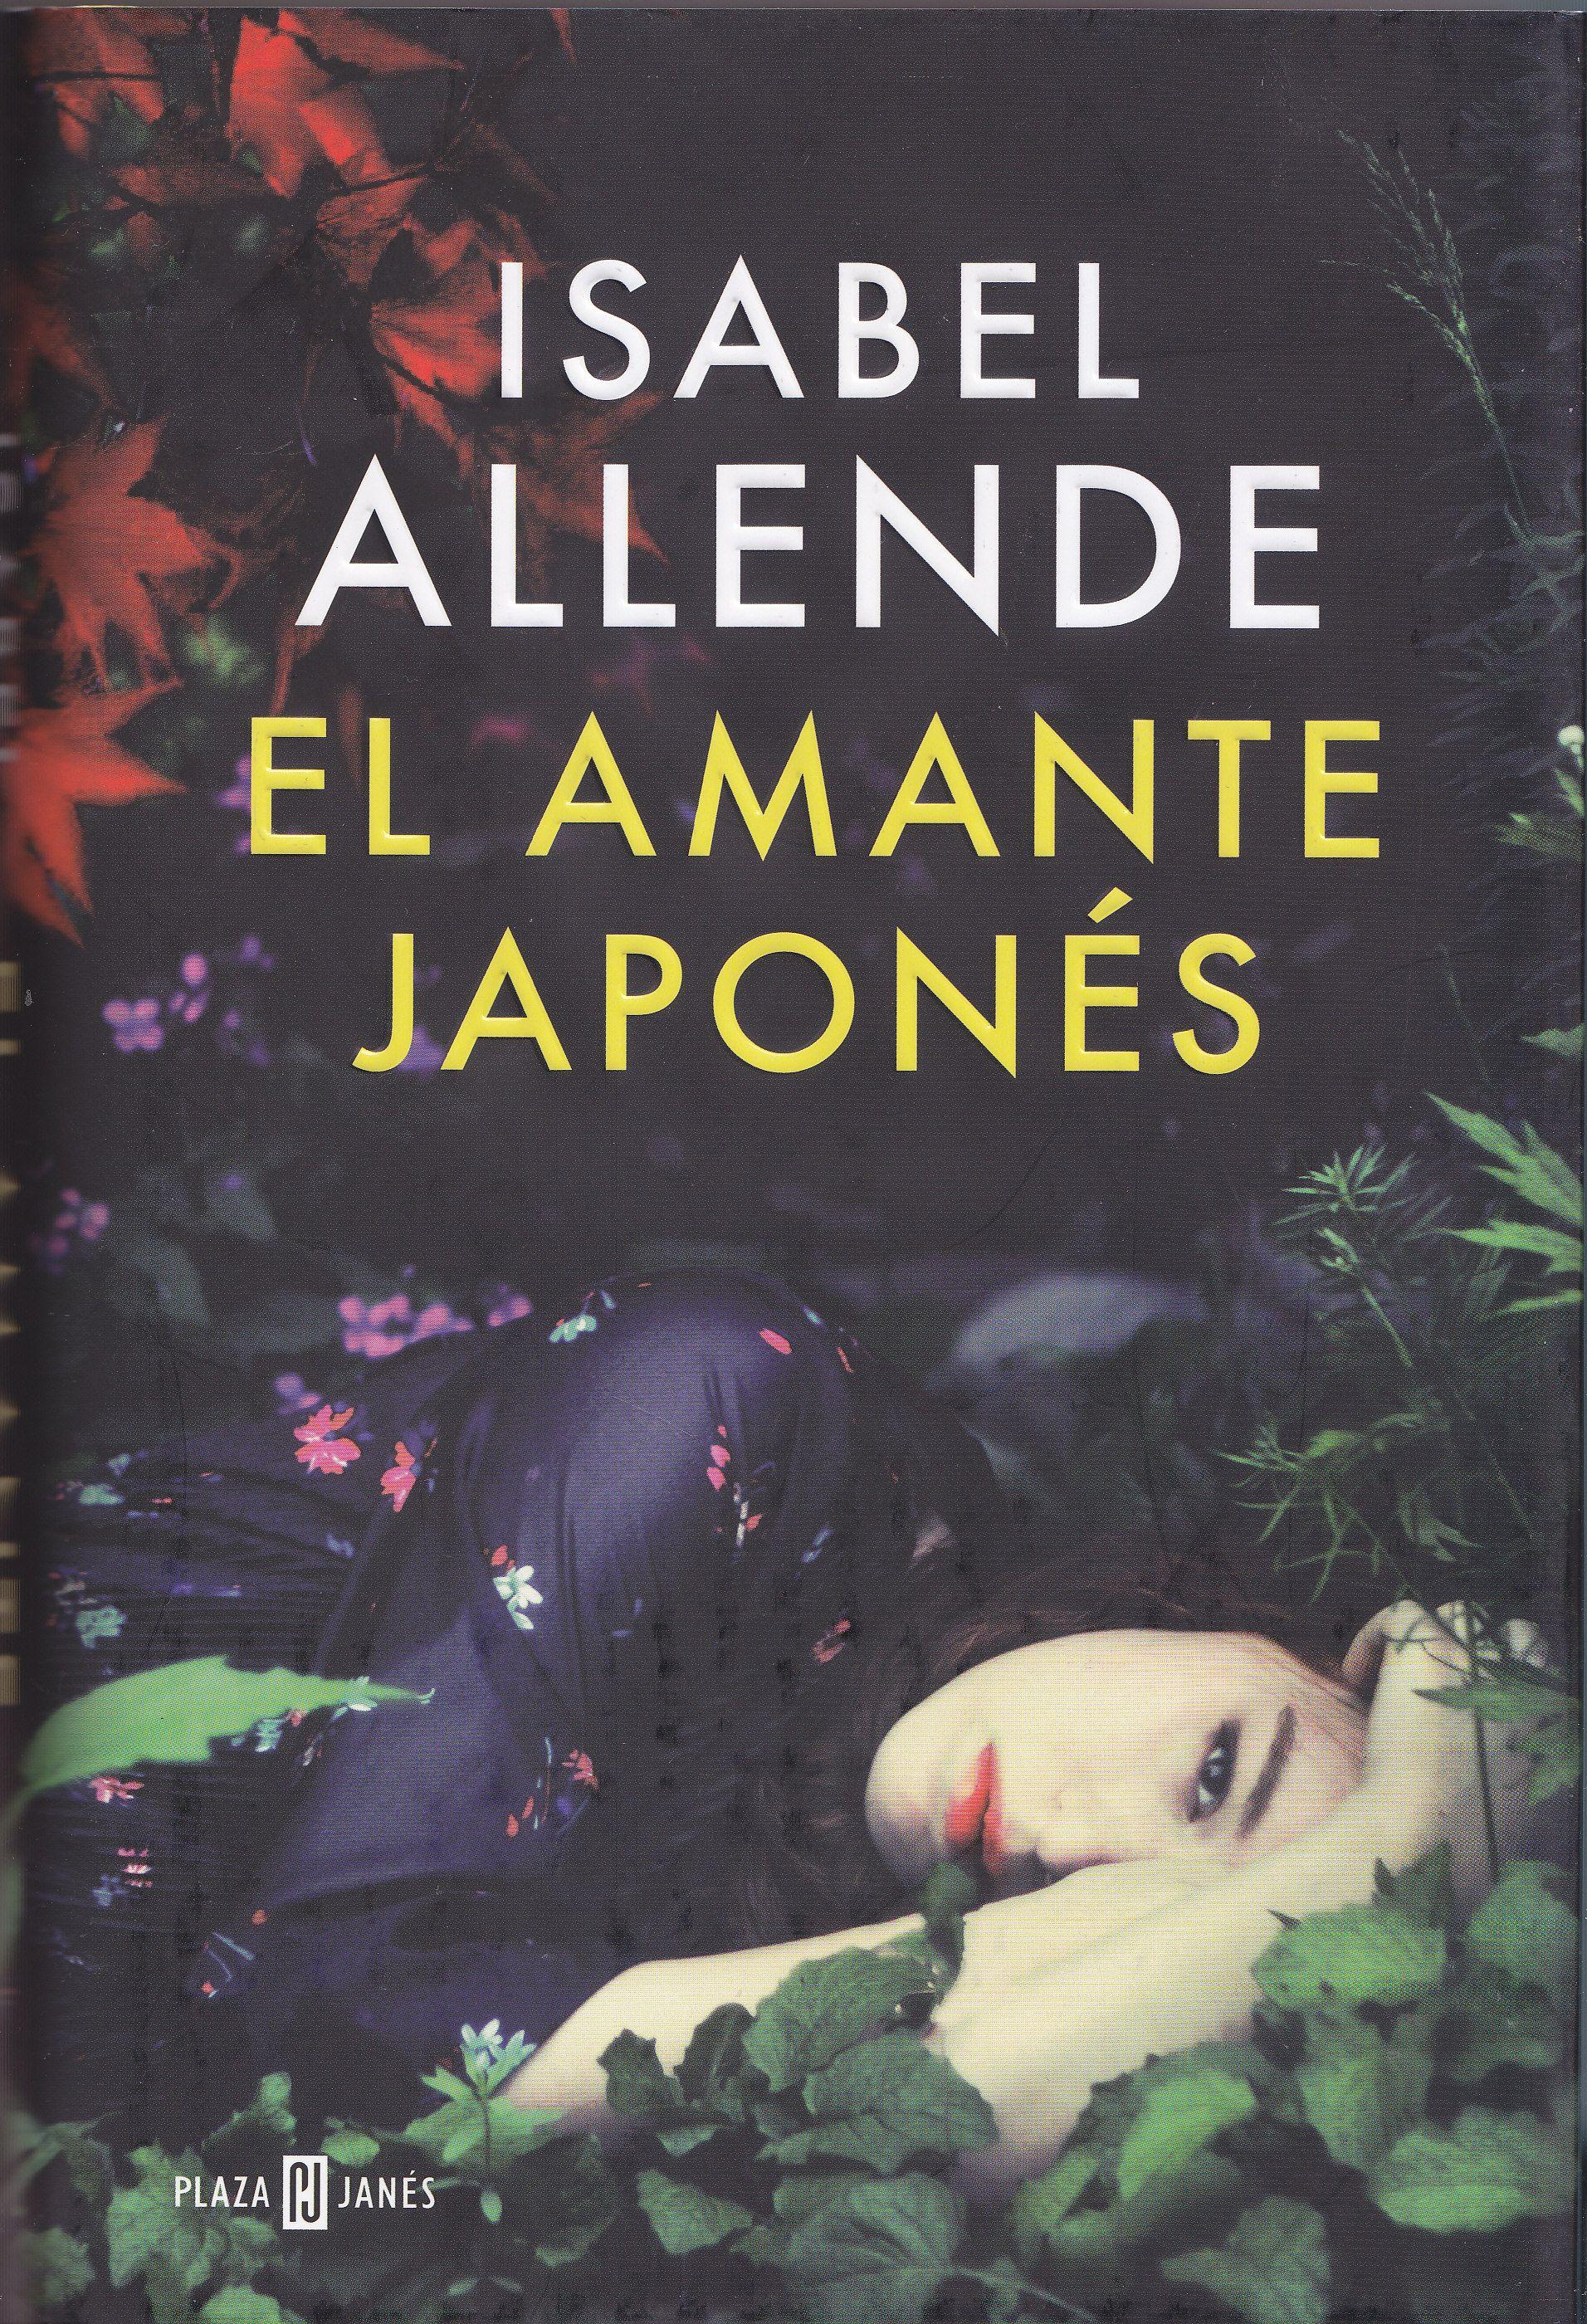 El Amante Japonés Isabel Allende La Historia De Amor Entre La Joven Alma Velasco Y El Jardinero Japo El Amante Japones Descargar Libros En Pdf Libros Gratis